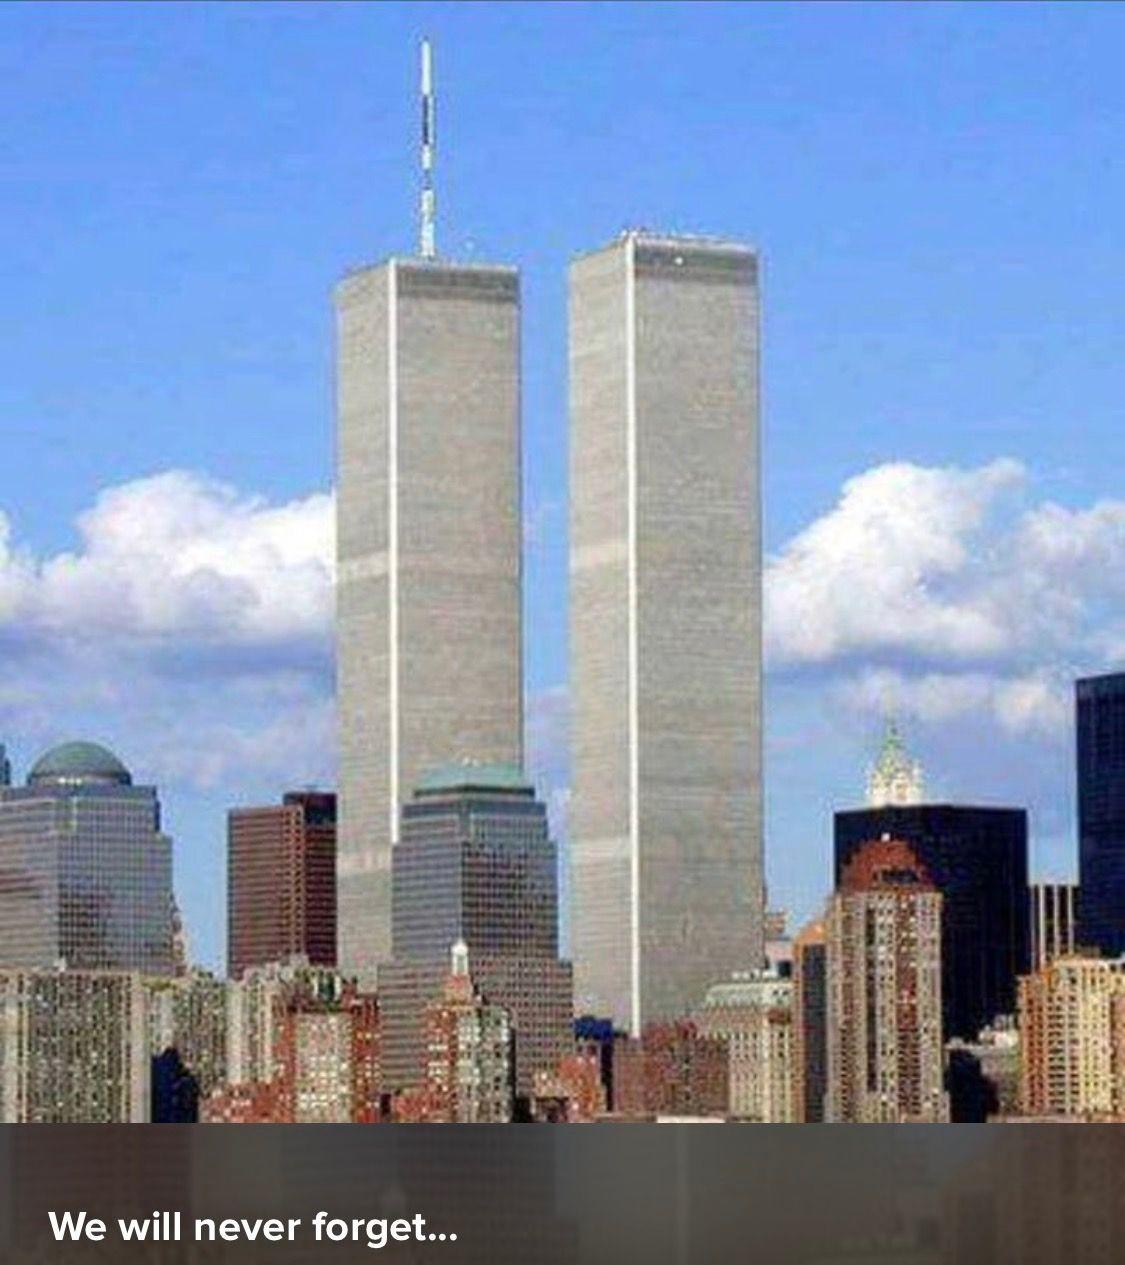 Pin on September 11 2001